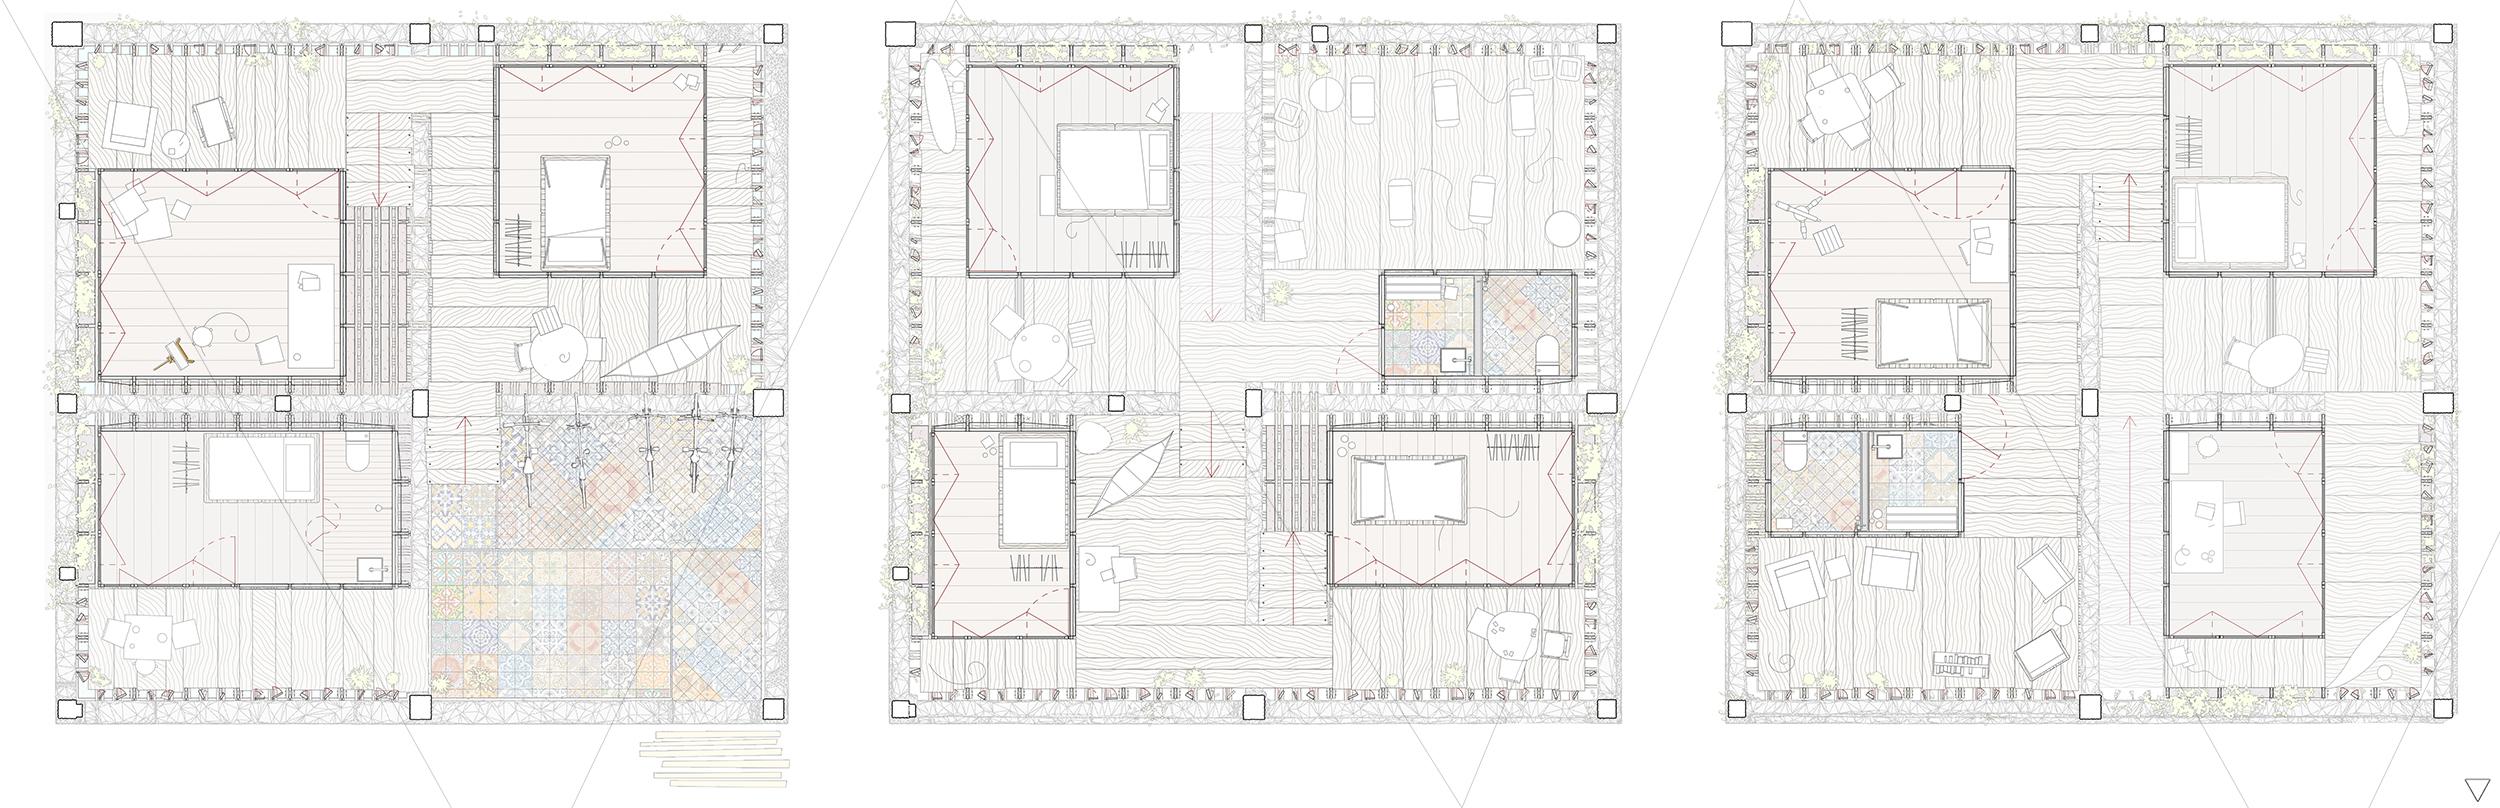 architecture hostel transformation